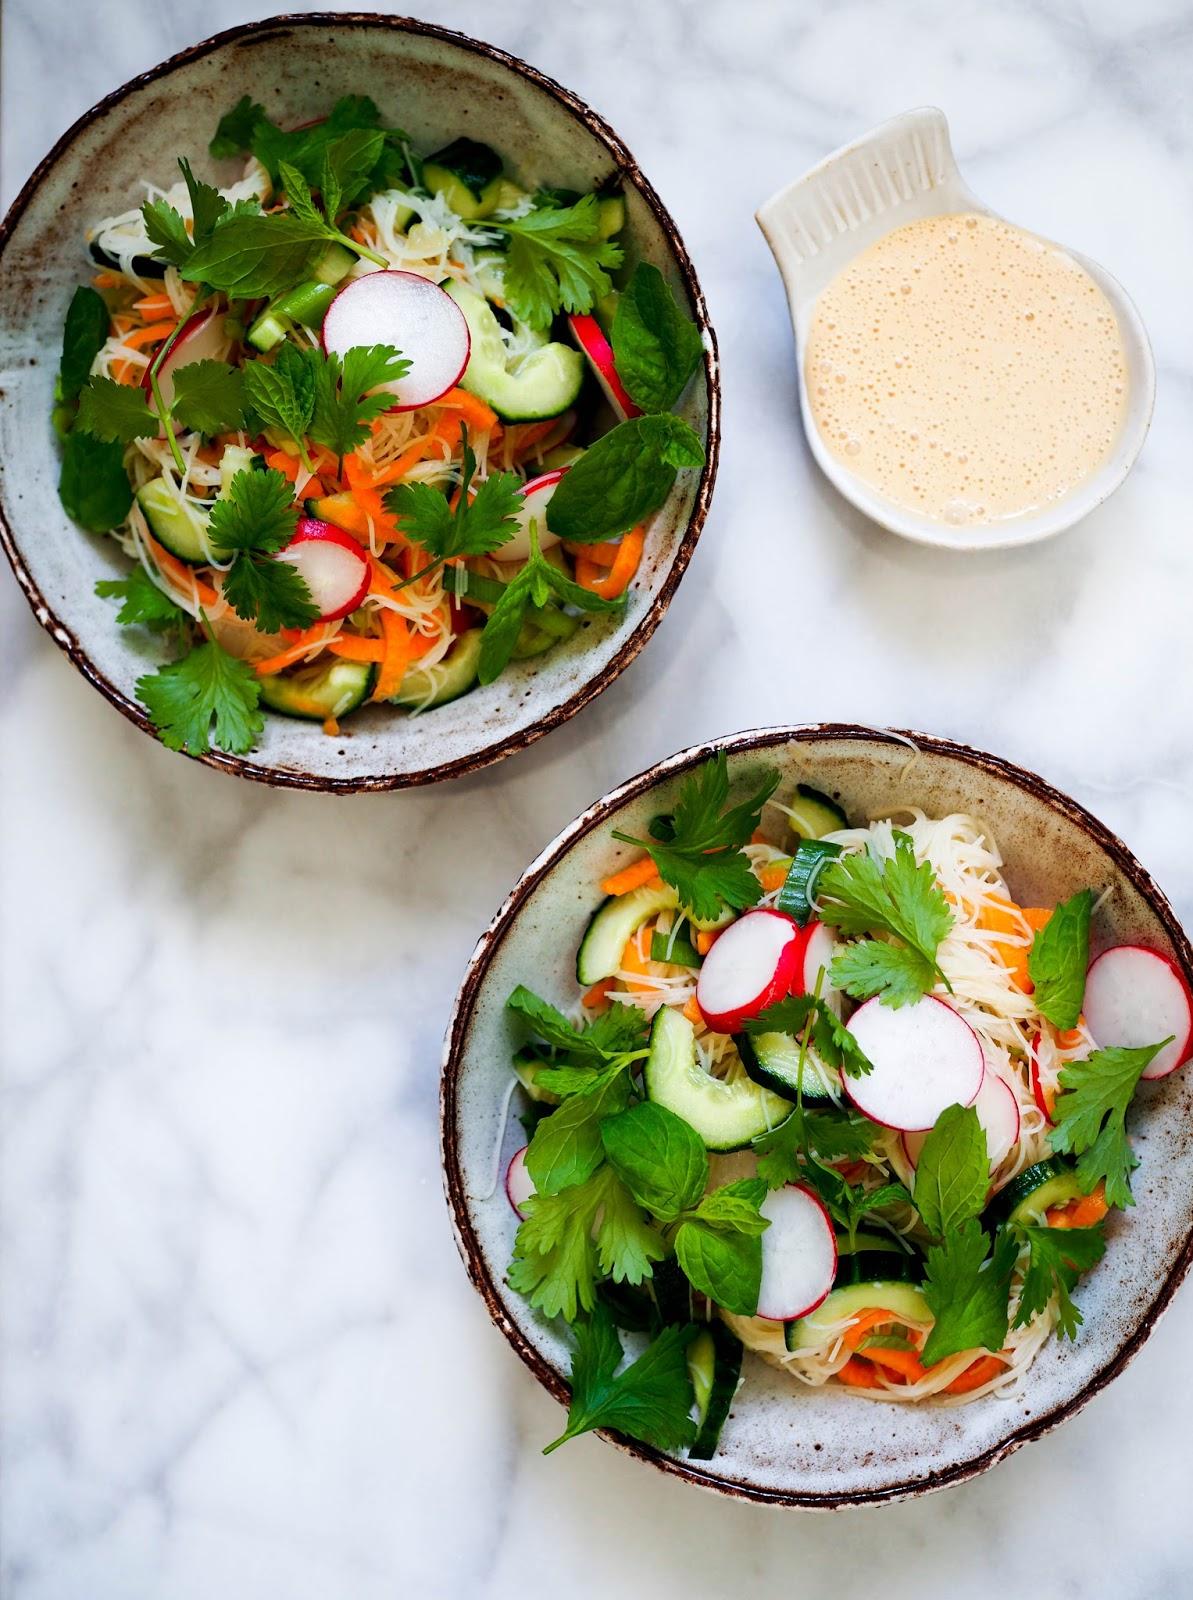 raikas nuudelisalaatti, kasvis-nuudelisalaatti, maapähkinäkookoskastike, aasialainen salaatinkastike